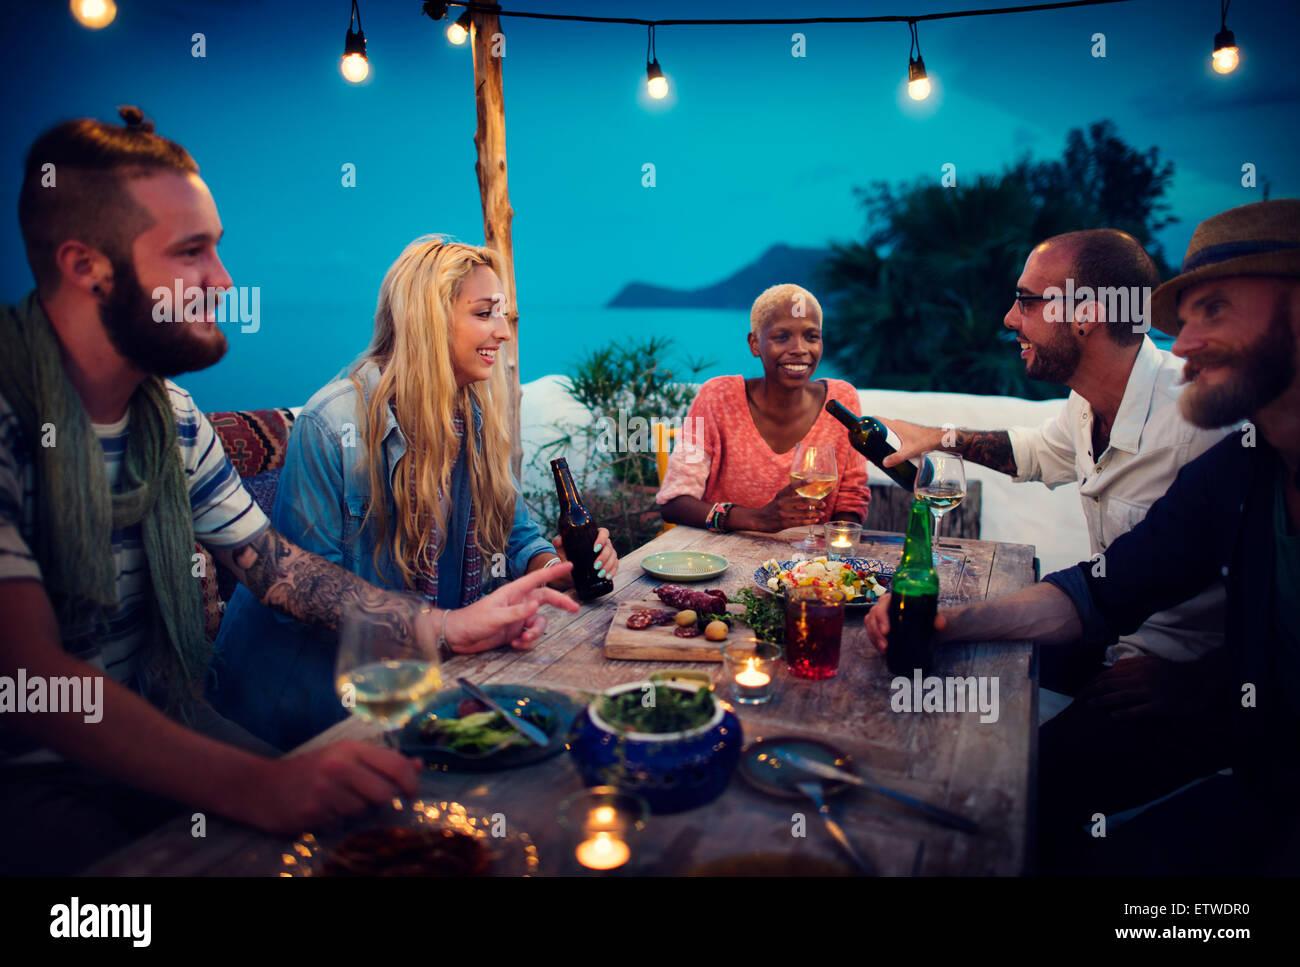 Diversidad étnica de amistad parte Ocio concepto felicidad Imagen De Stock